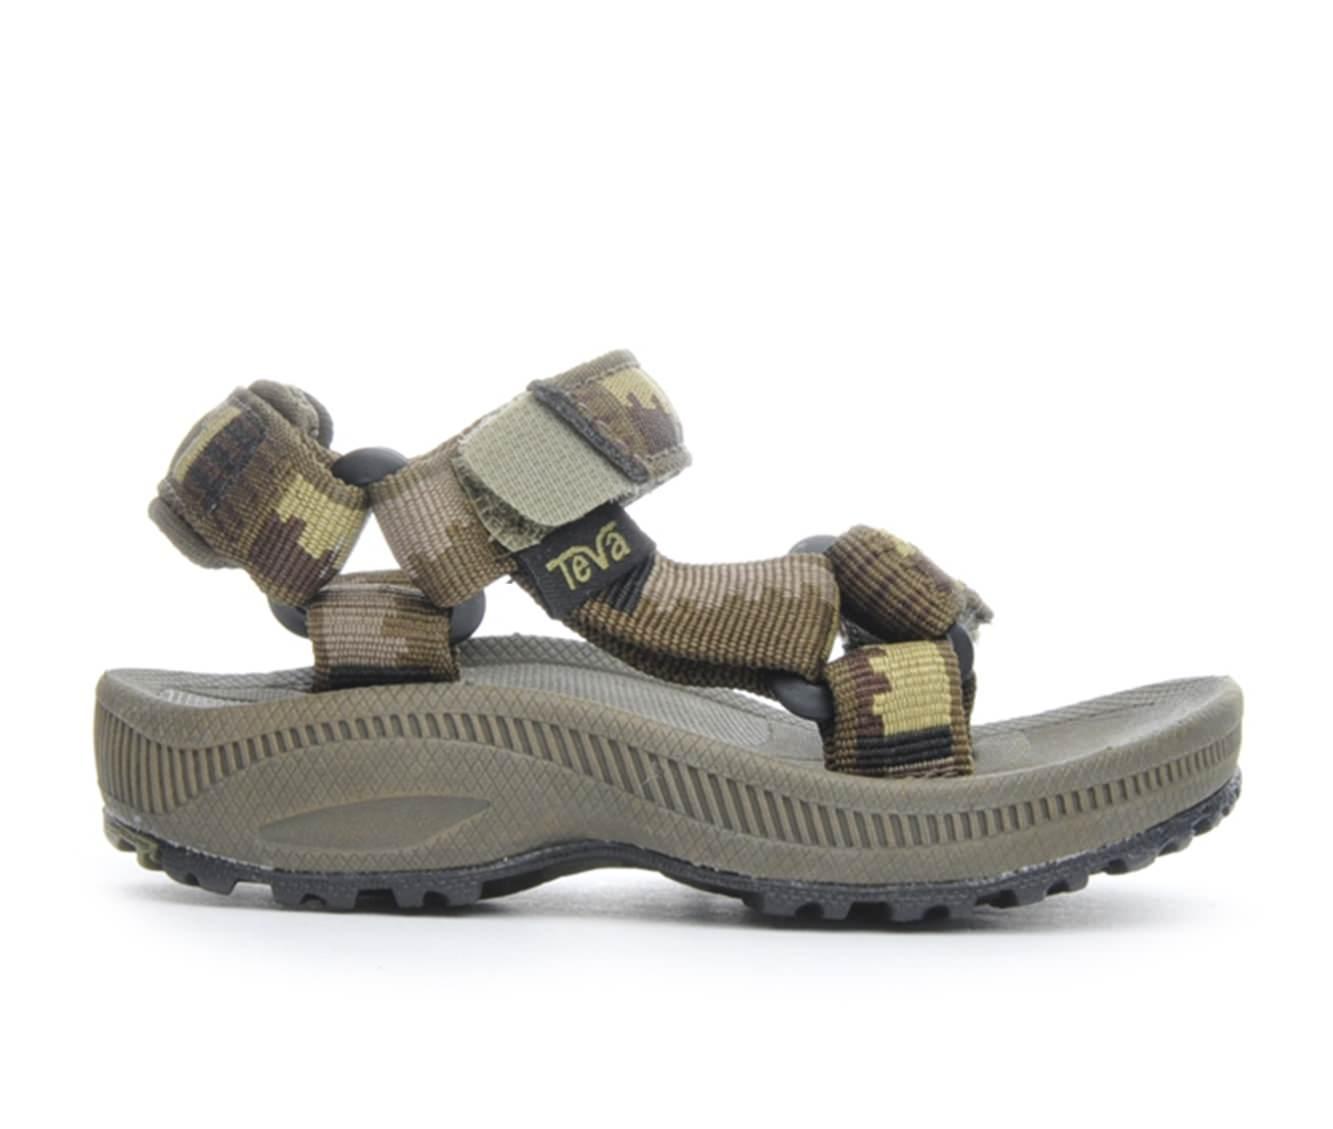 Boys' Teva Infant Hurricane 2 Sandals (Green)